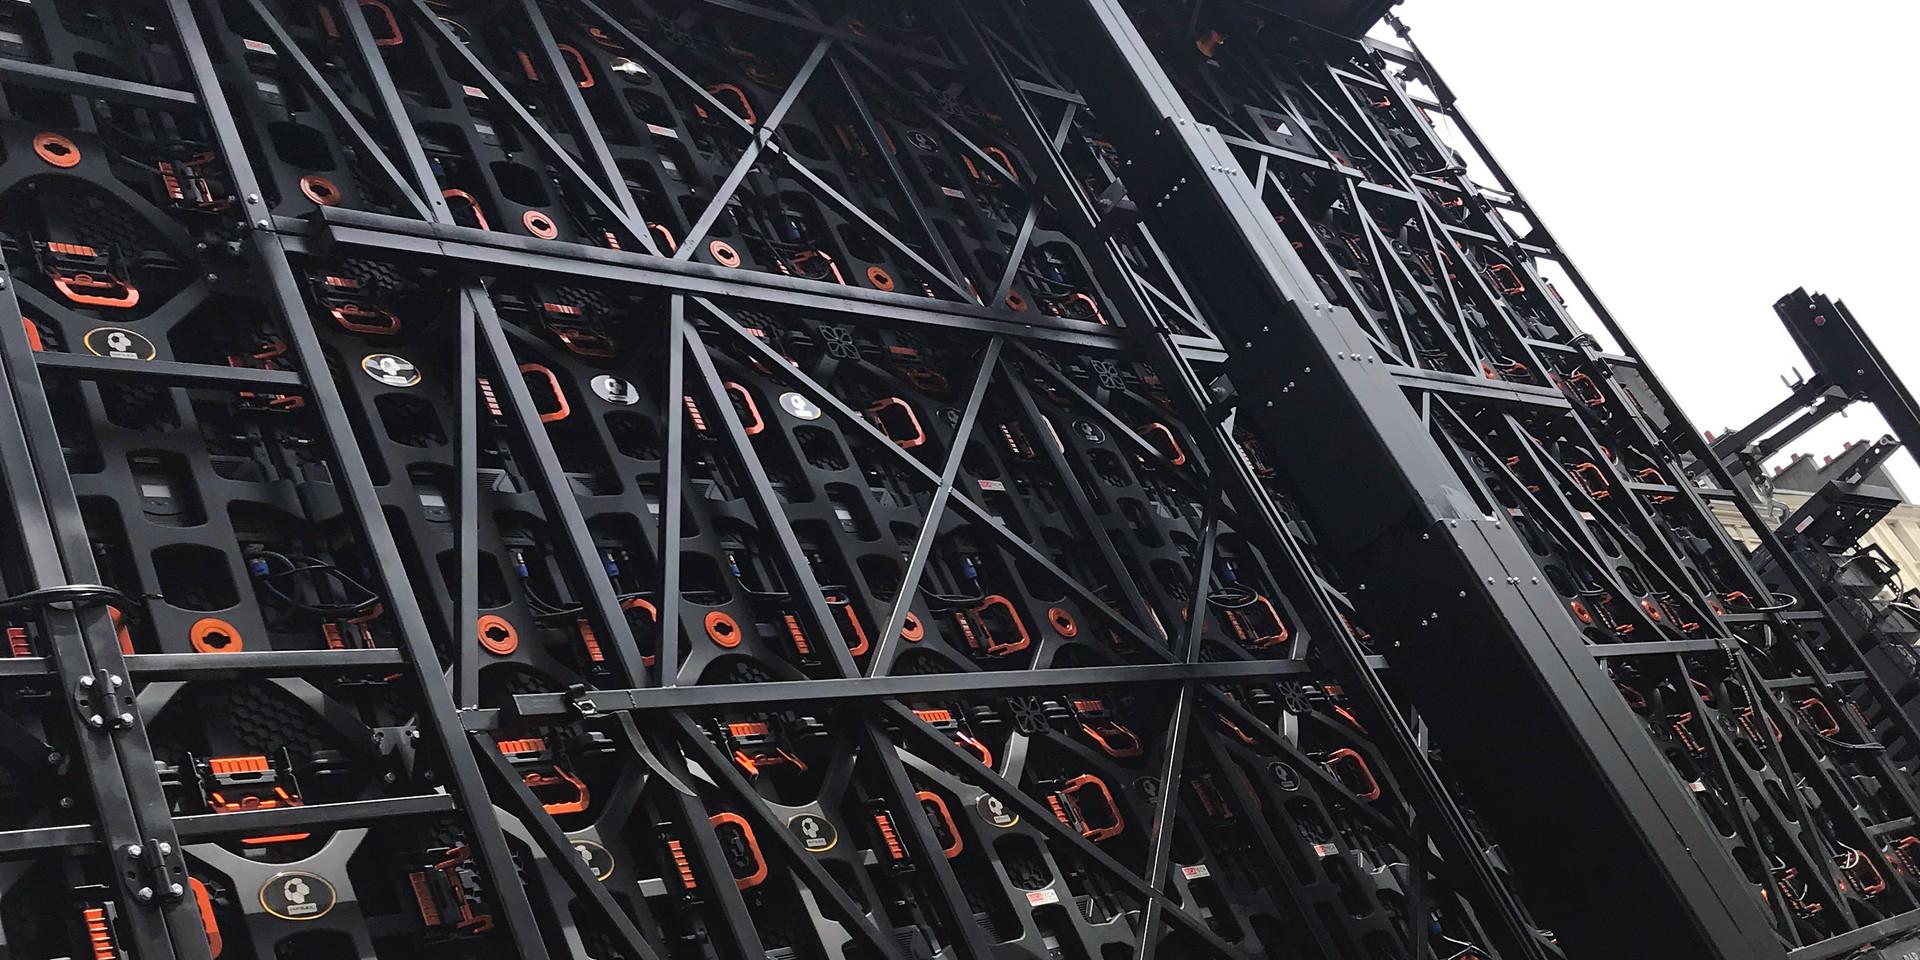 ÉCRAN 28 M² - CHERBOURG